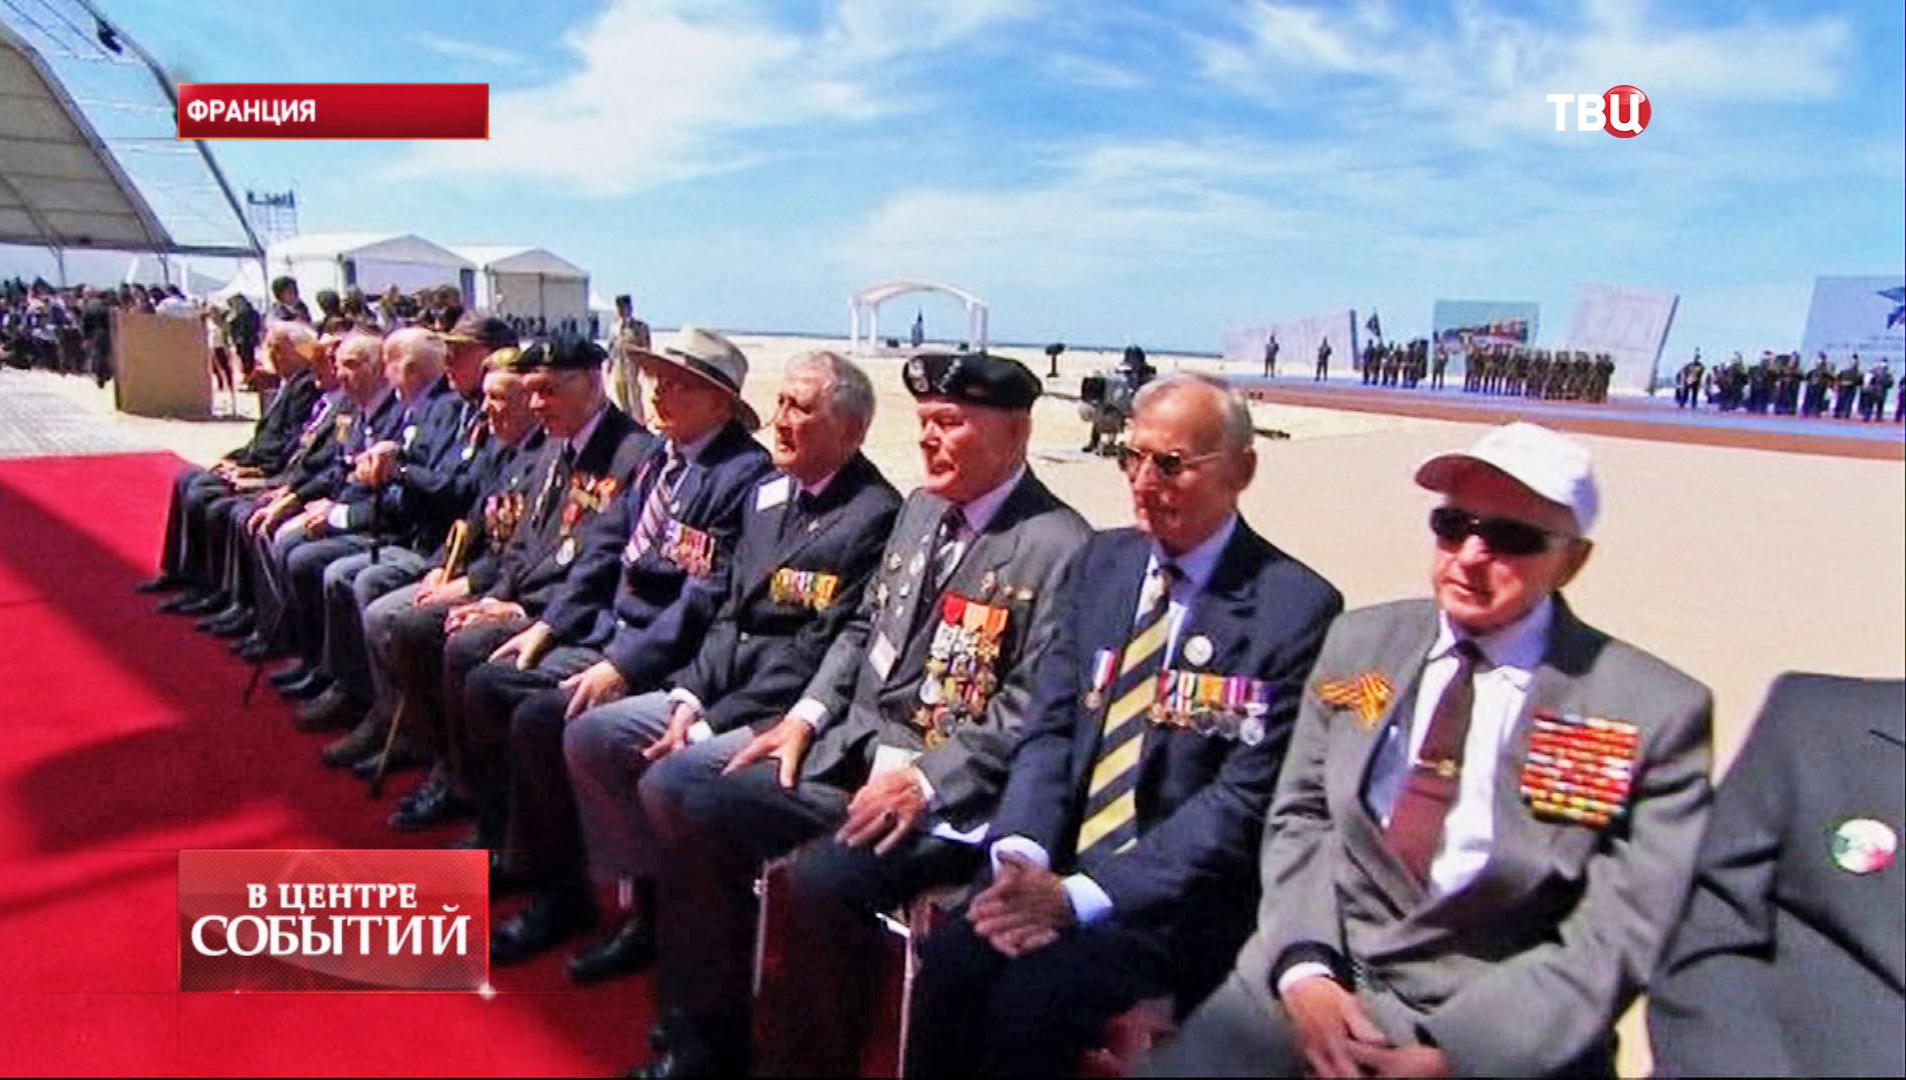 Ветераны на торжестве по случаю 70-й годовщины высадки союзников в Нормандии